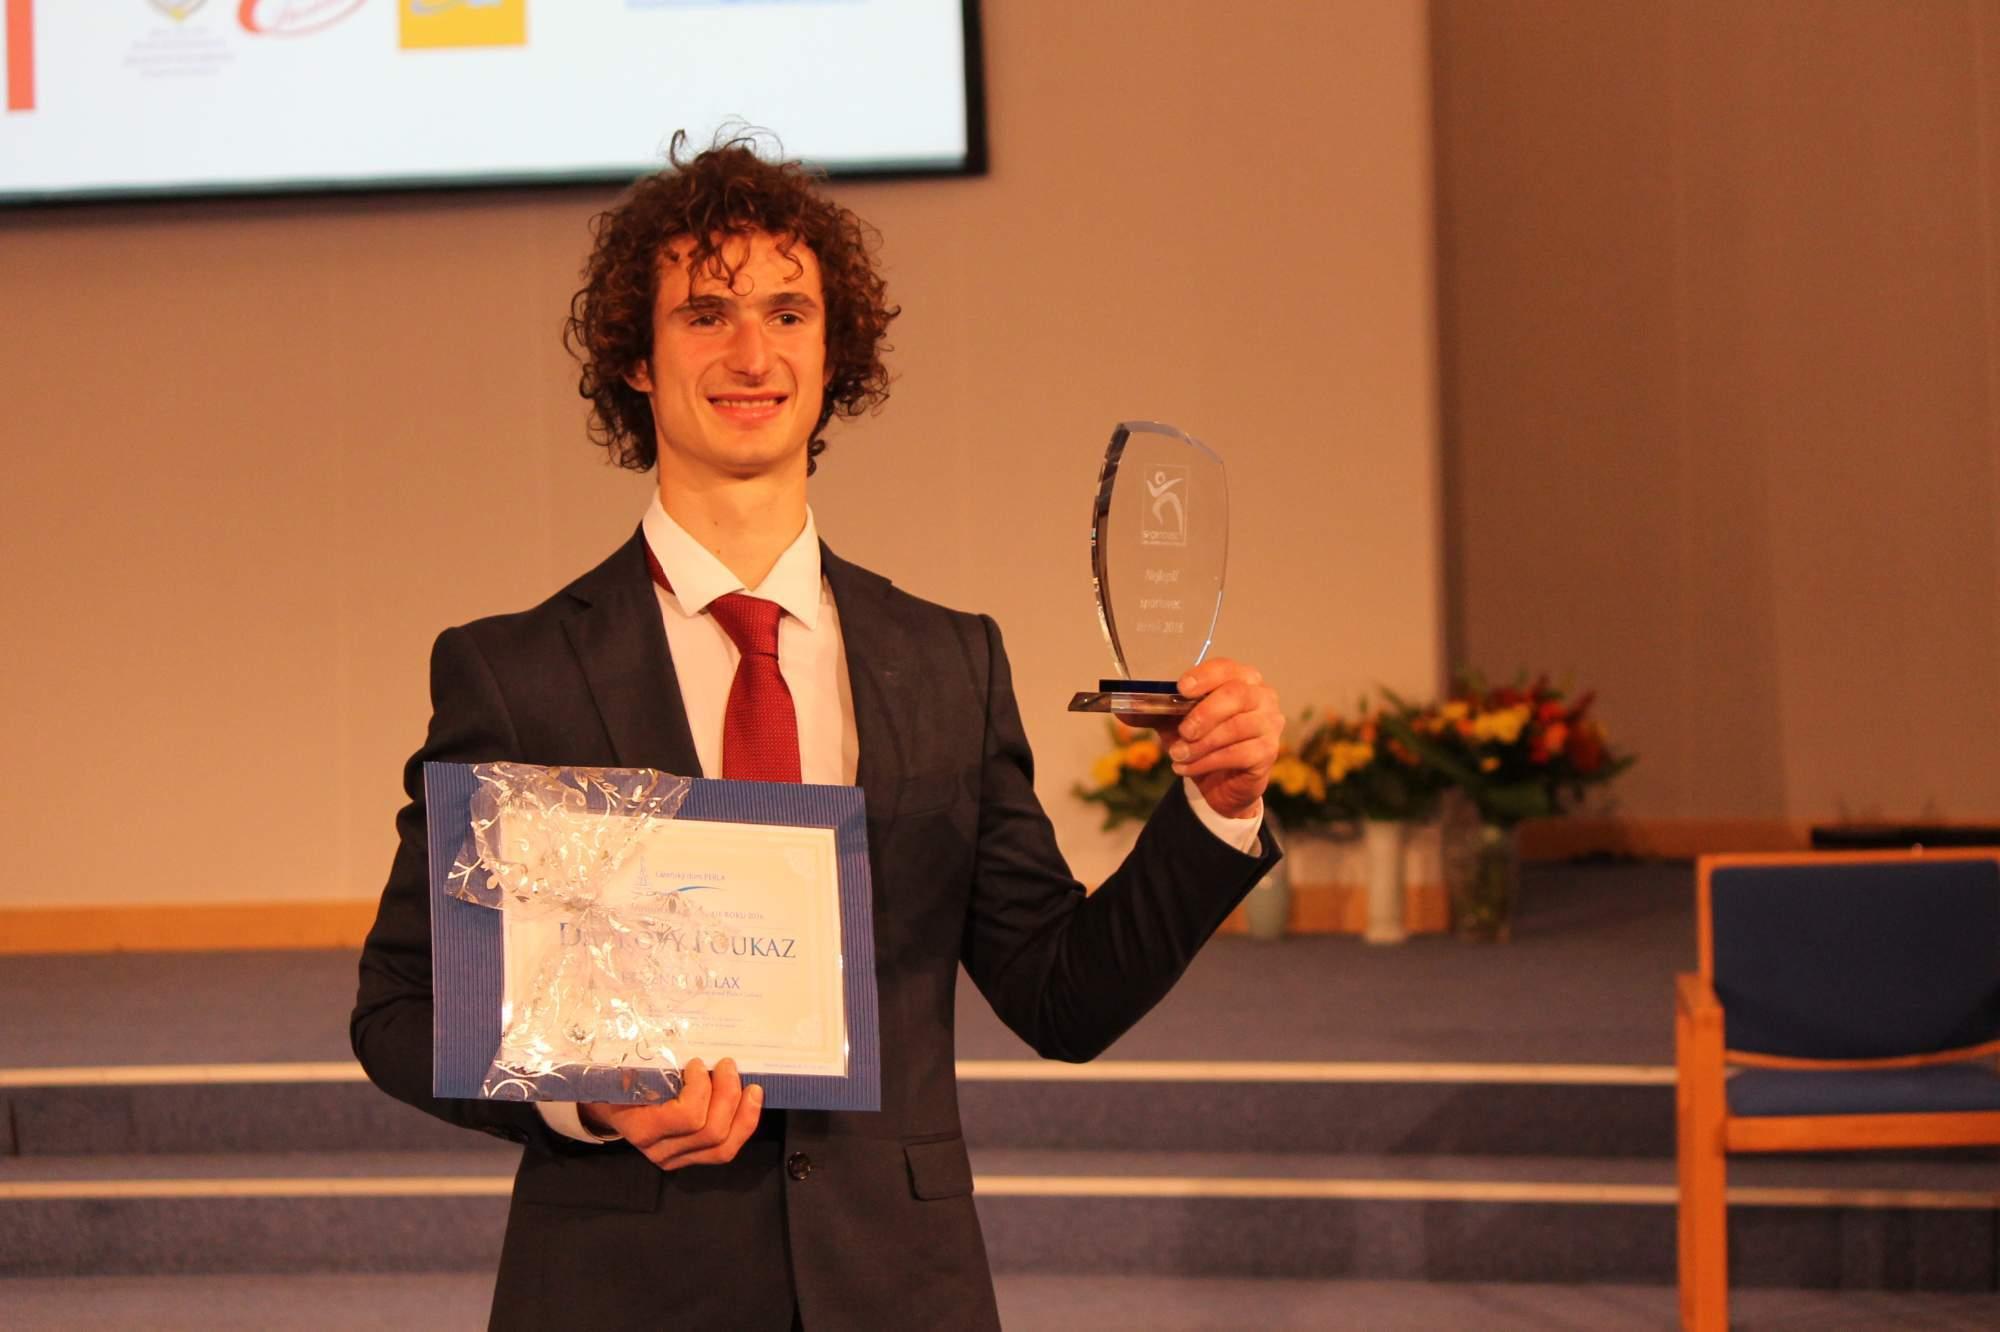 Vítěz kategorie sportovec roku Adam Ondra. Foto: Jan Vostal